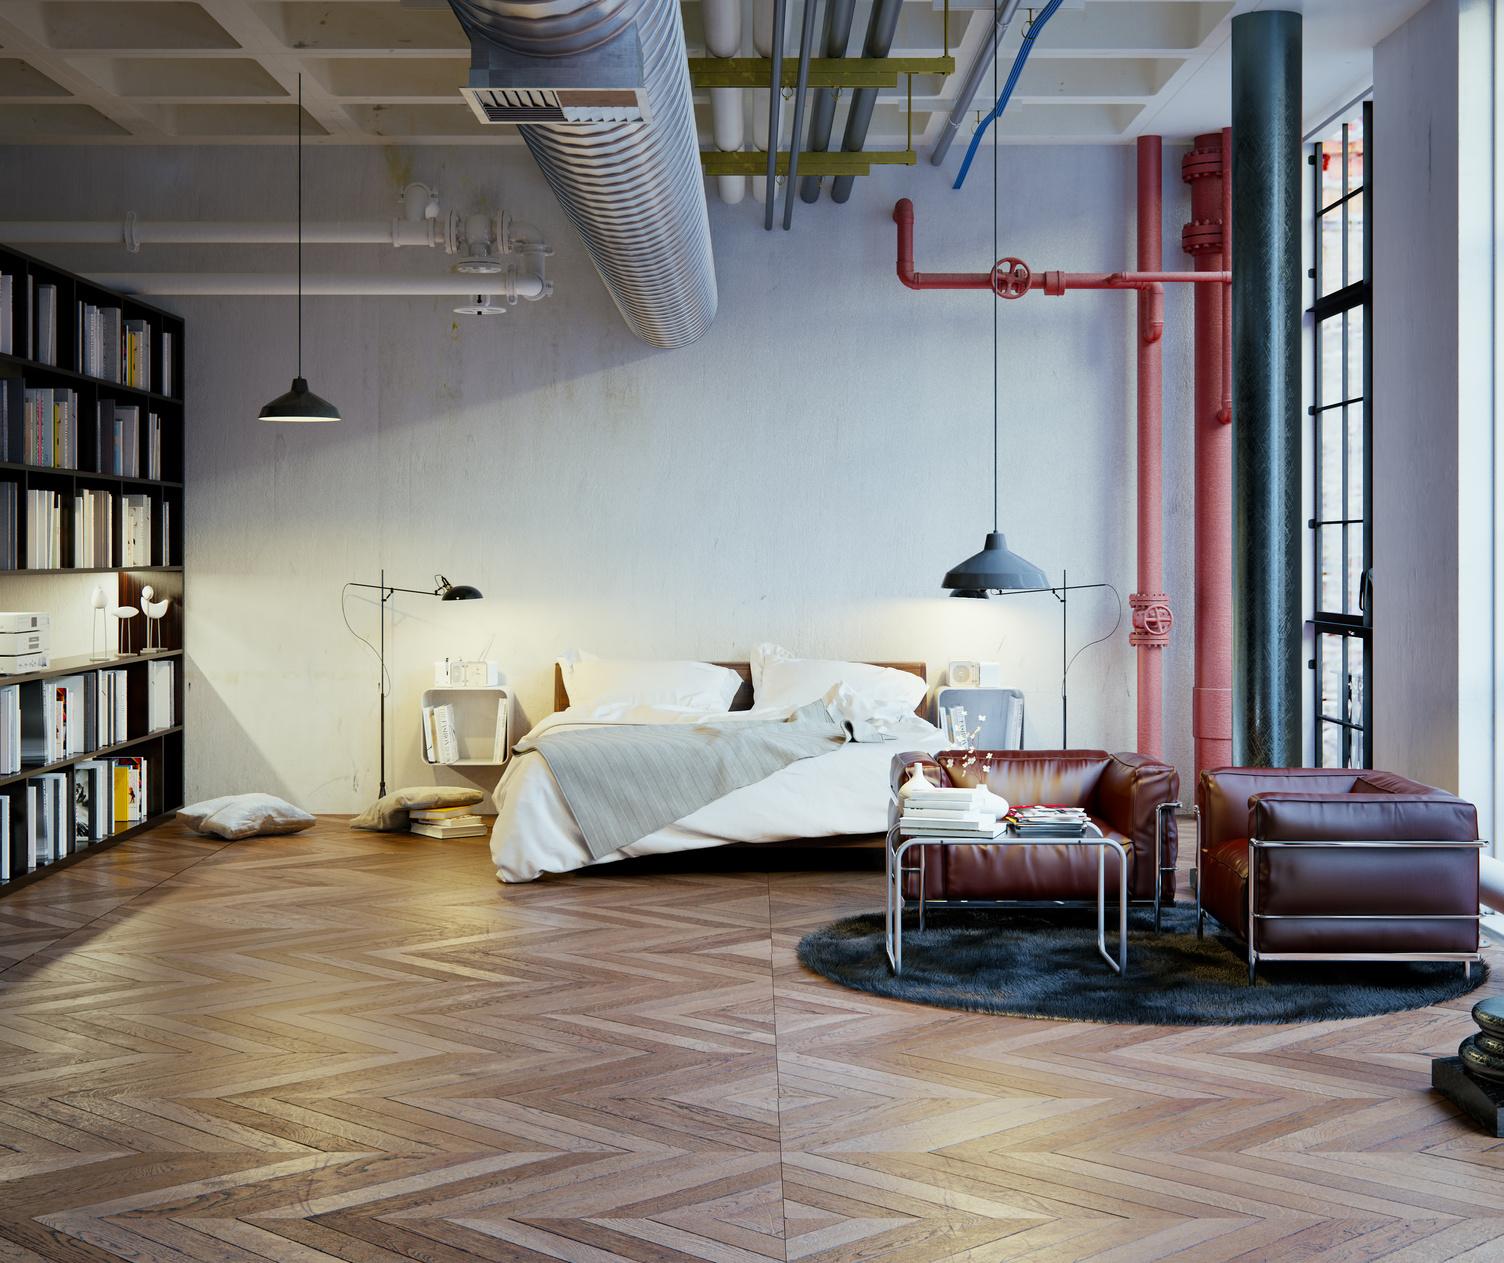 Bien aménager une chambre de décoration industrielle